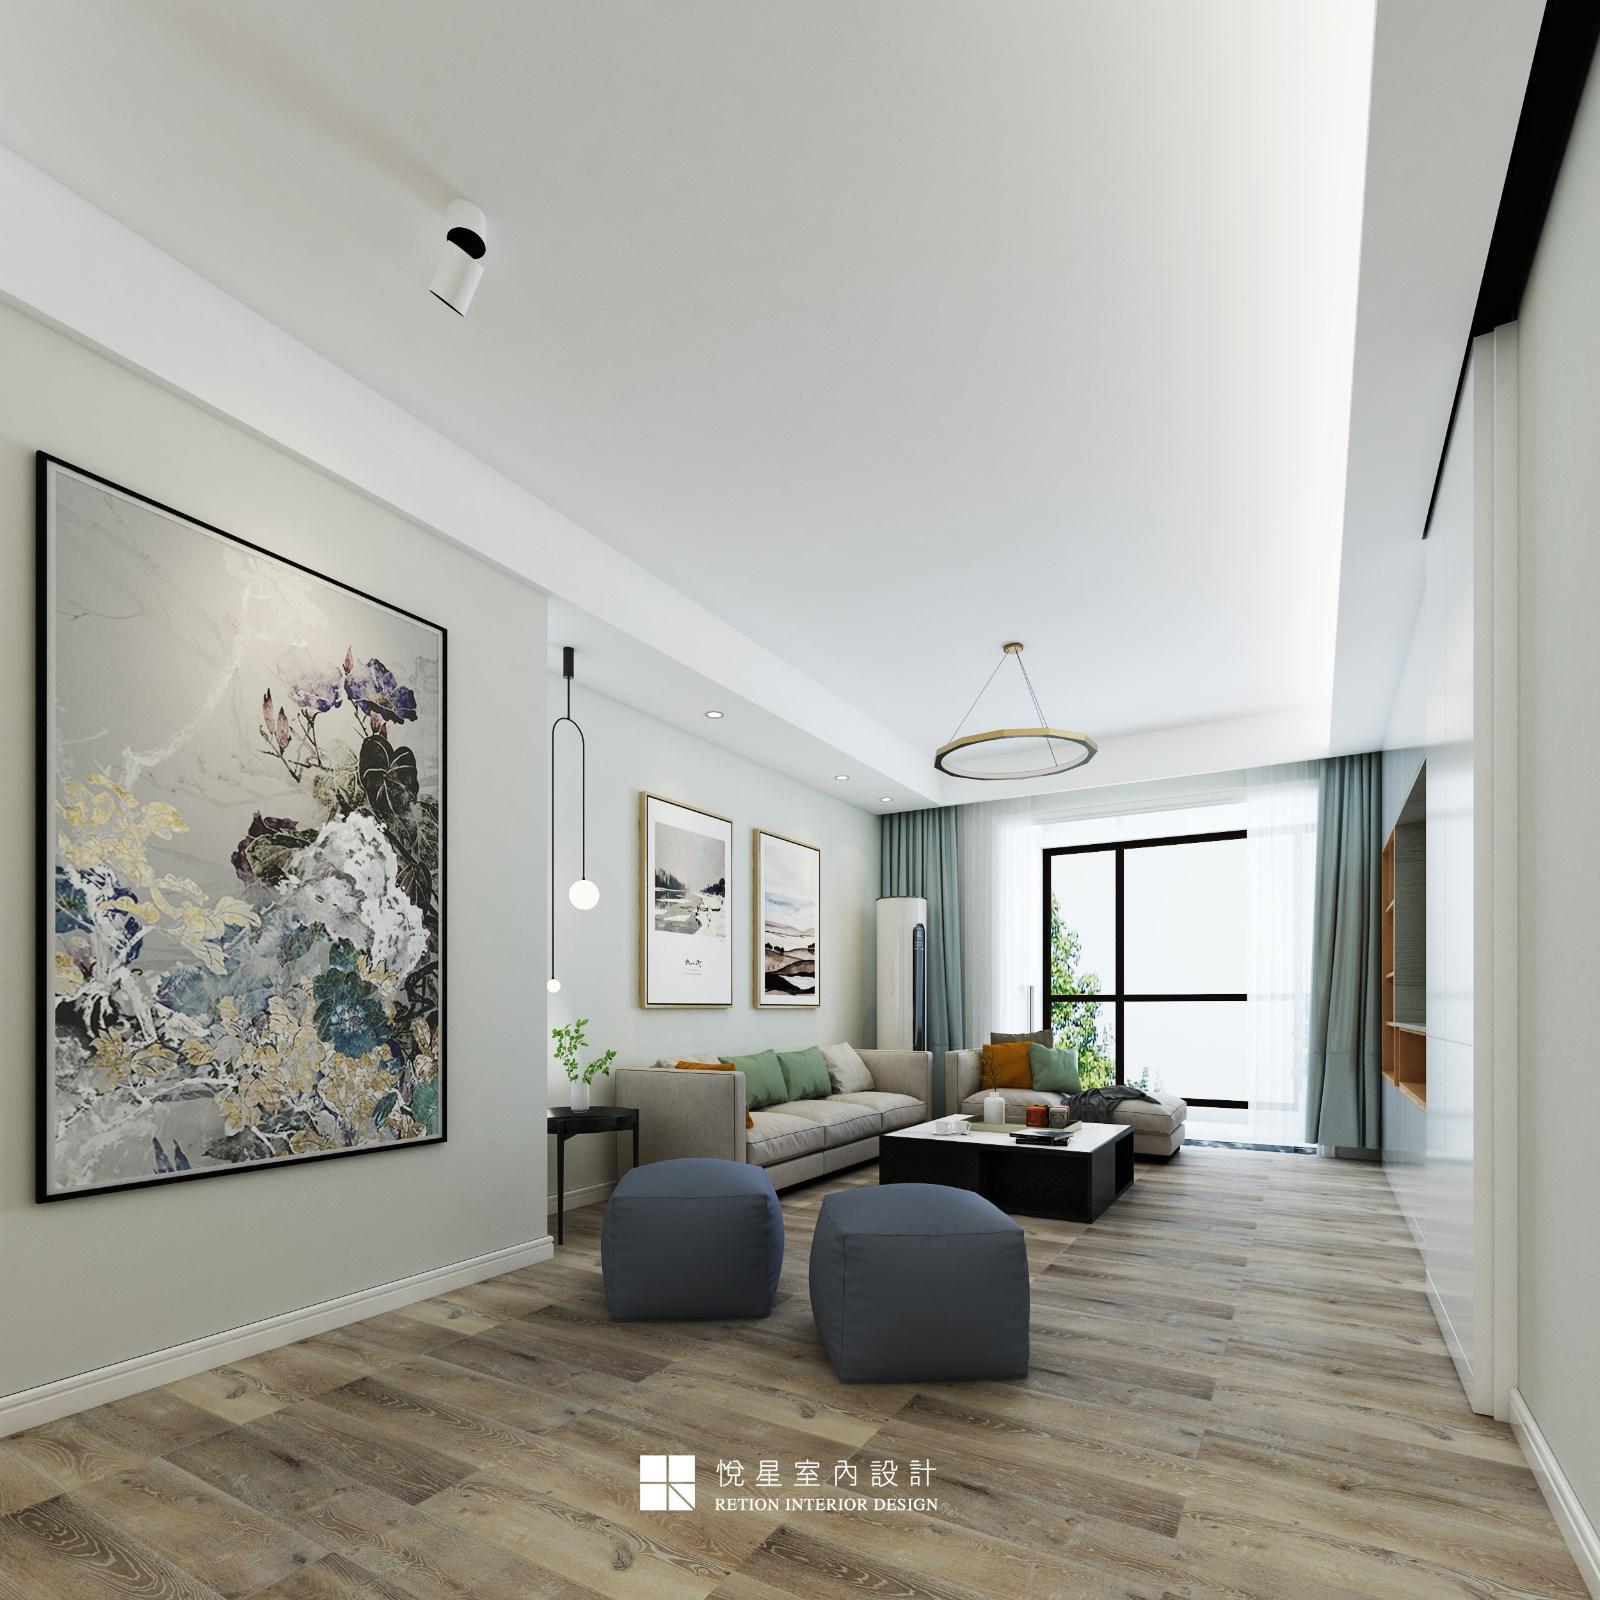 静秀园客厅现代简约客厅设计图片赏析